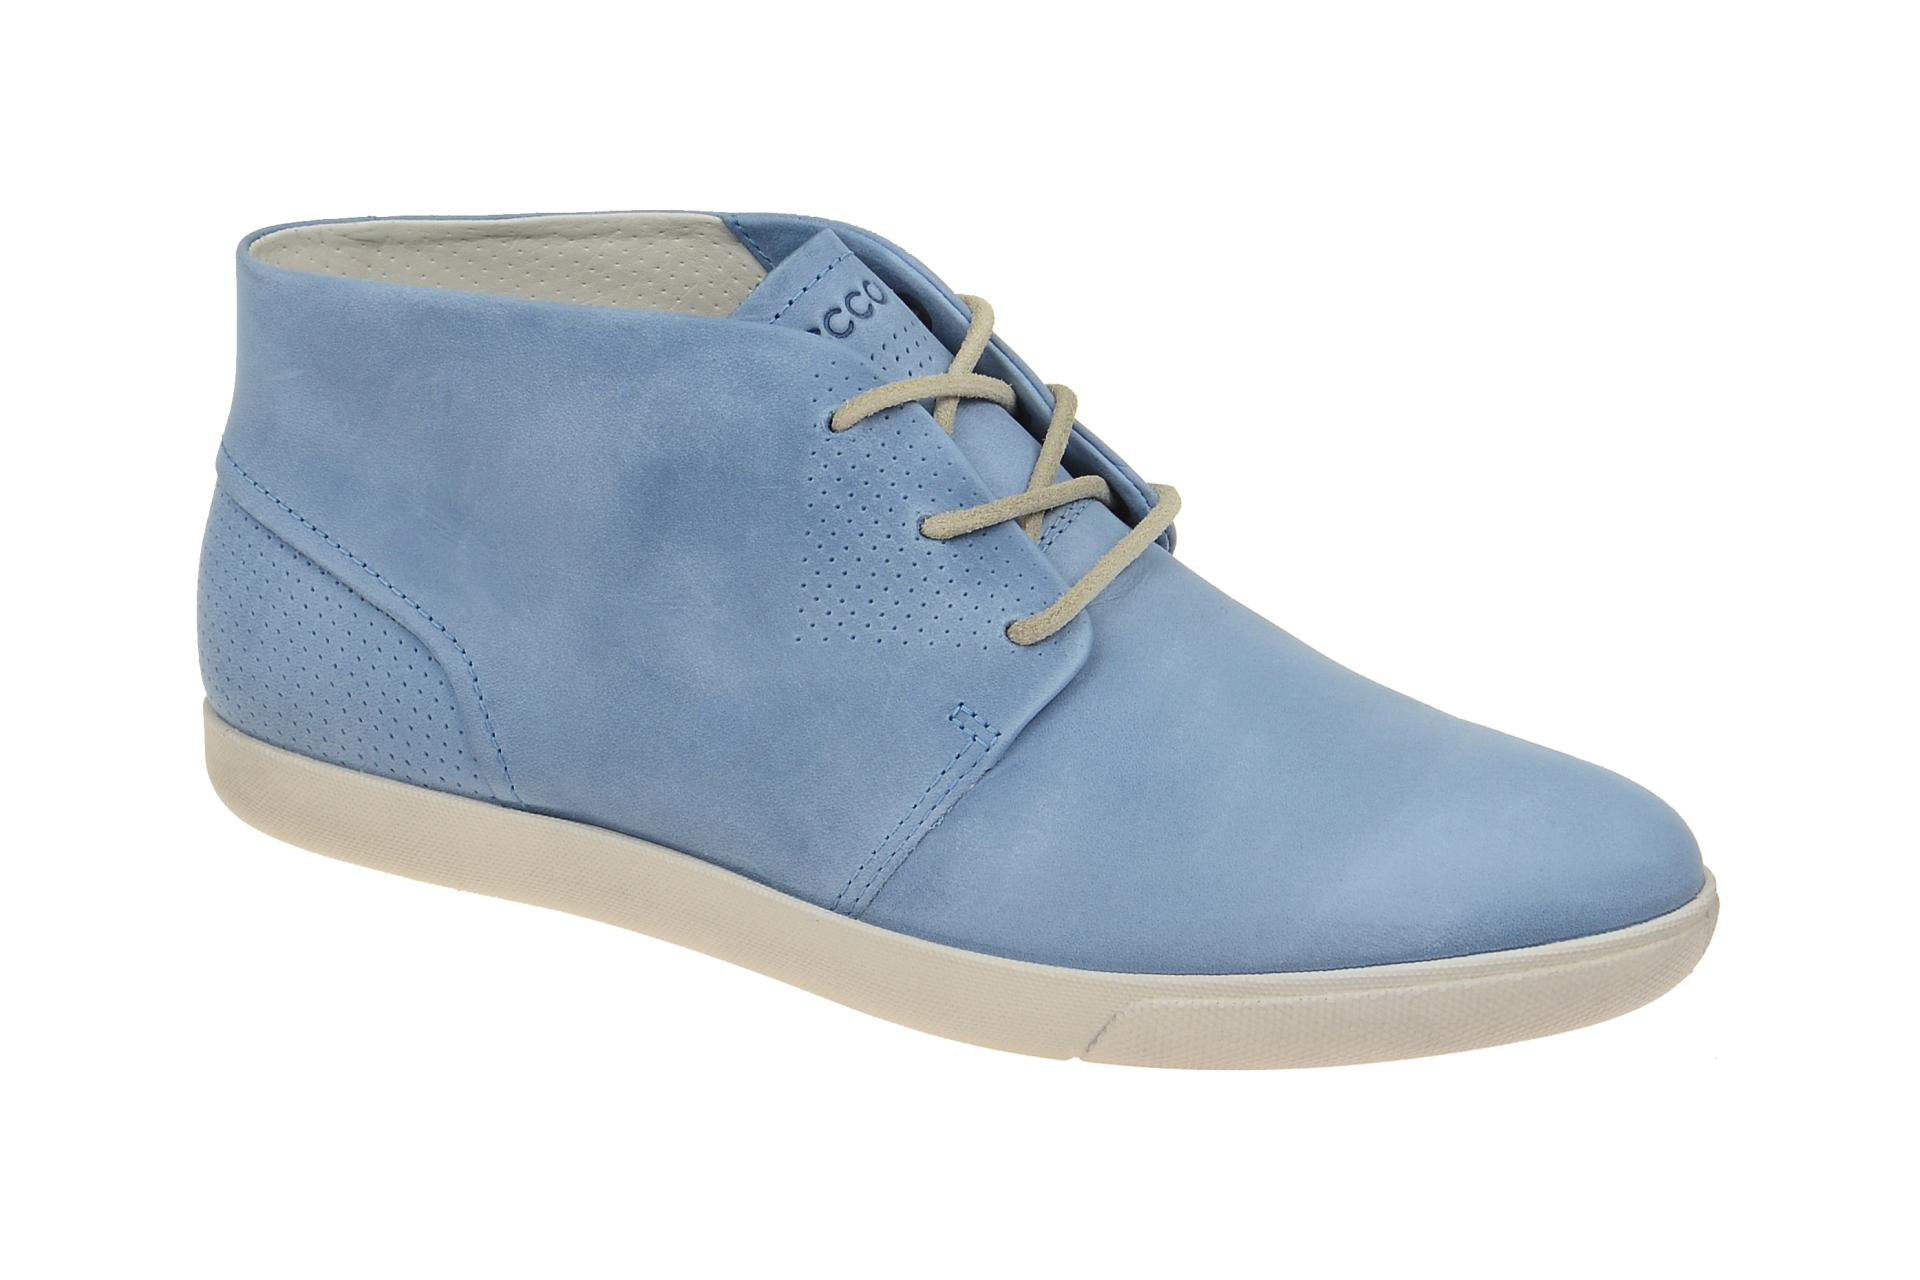 Schuhhaus Schuhe Ecco Retro Damara Boots Shop Strauch Blau H76XC6Uq